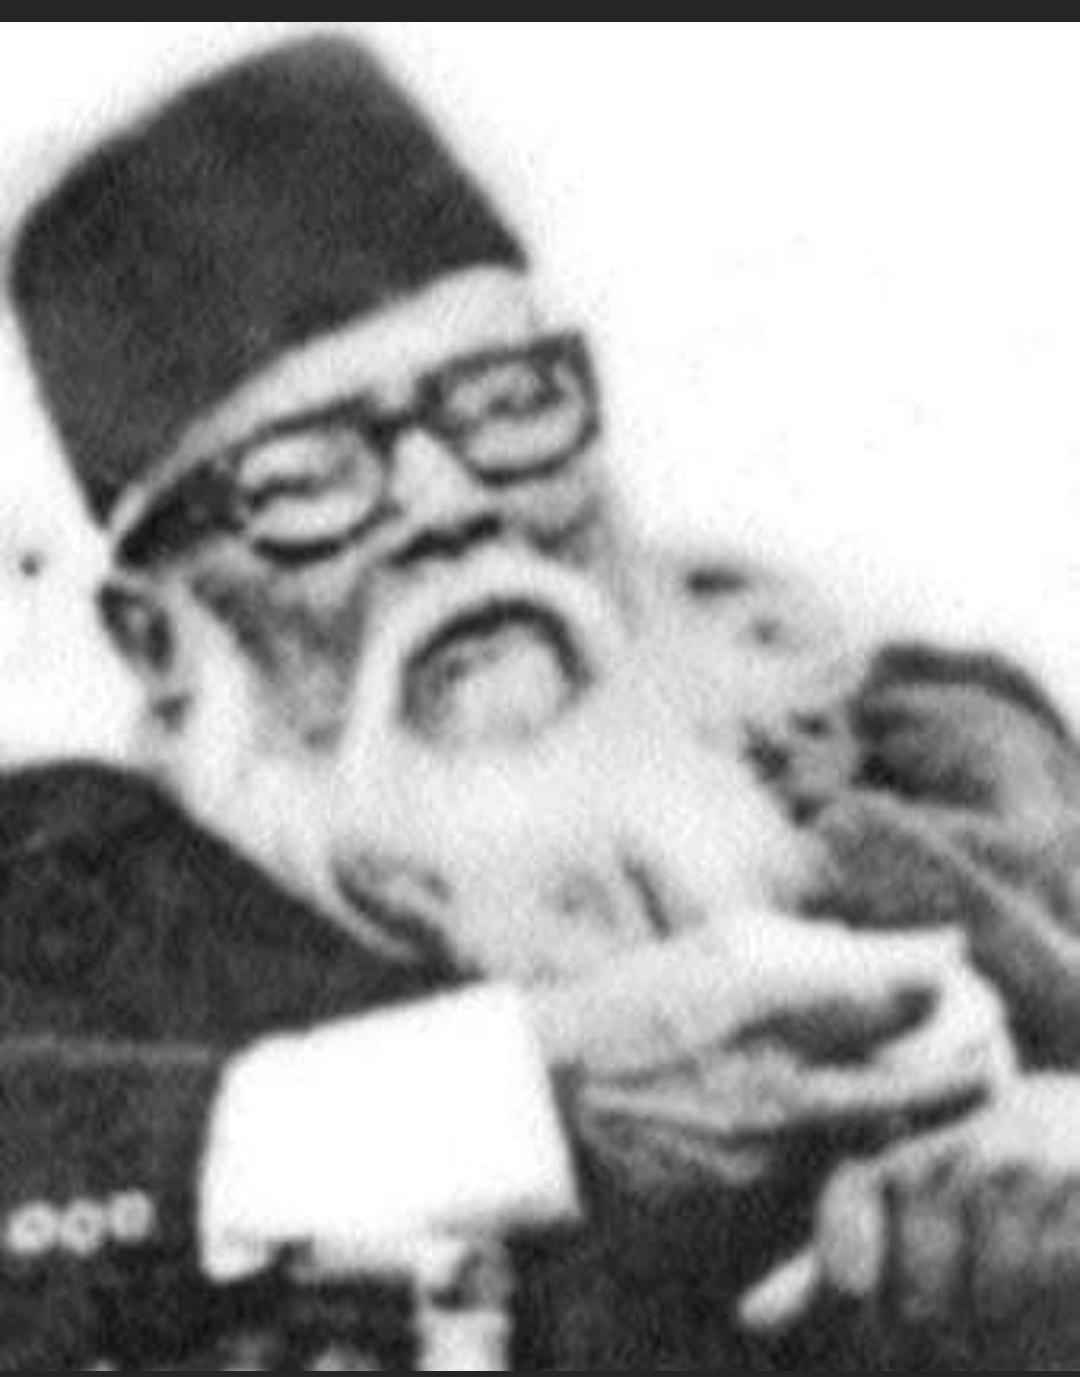 সাবেক স্পীকার বিচারপতি আব্দুল জব্বার খানের ৩৭তম মৃত্যুবার্ষিকী কাল